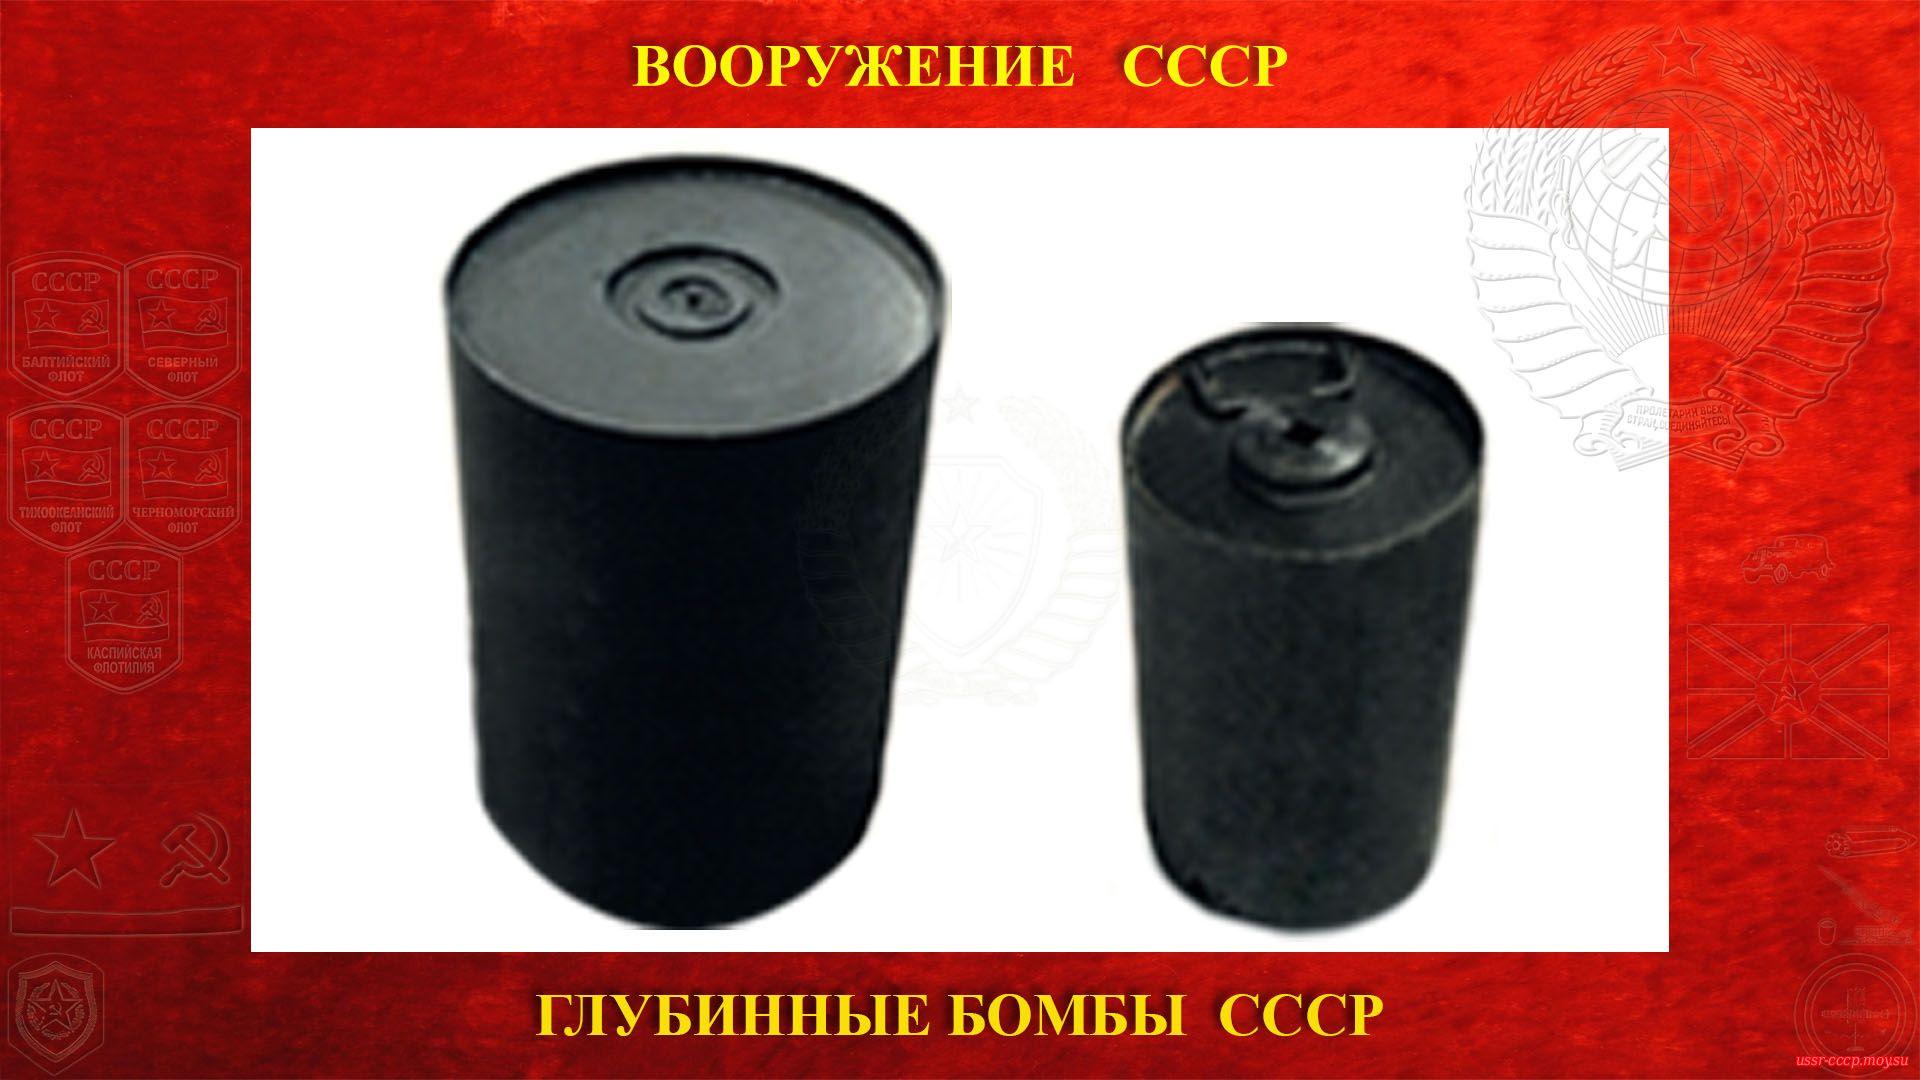 Глубинные бомбы СССР